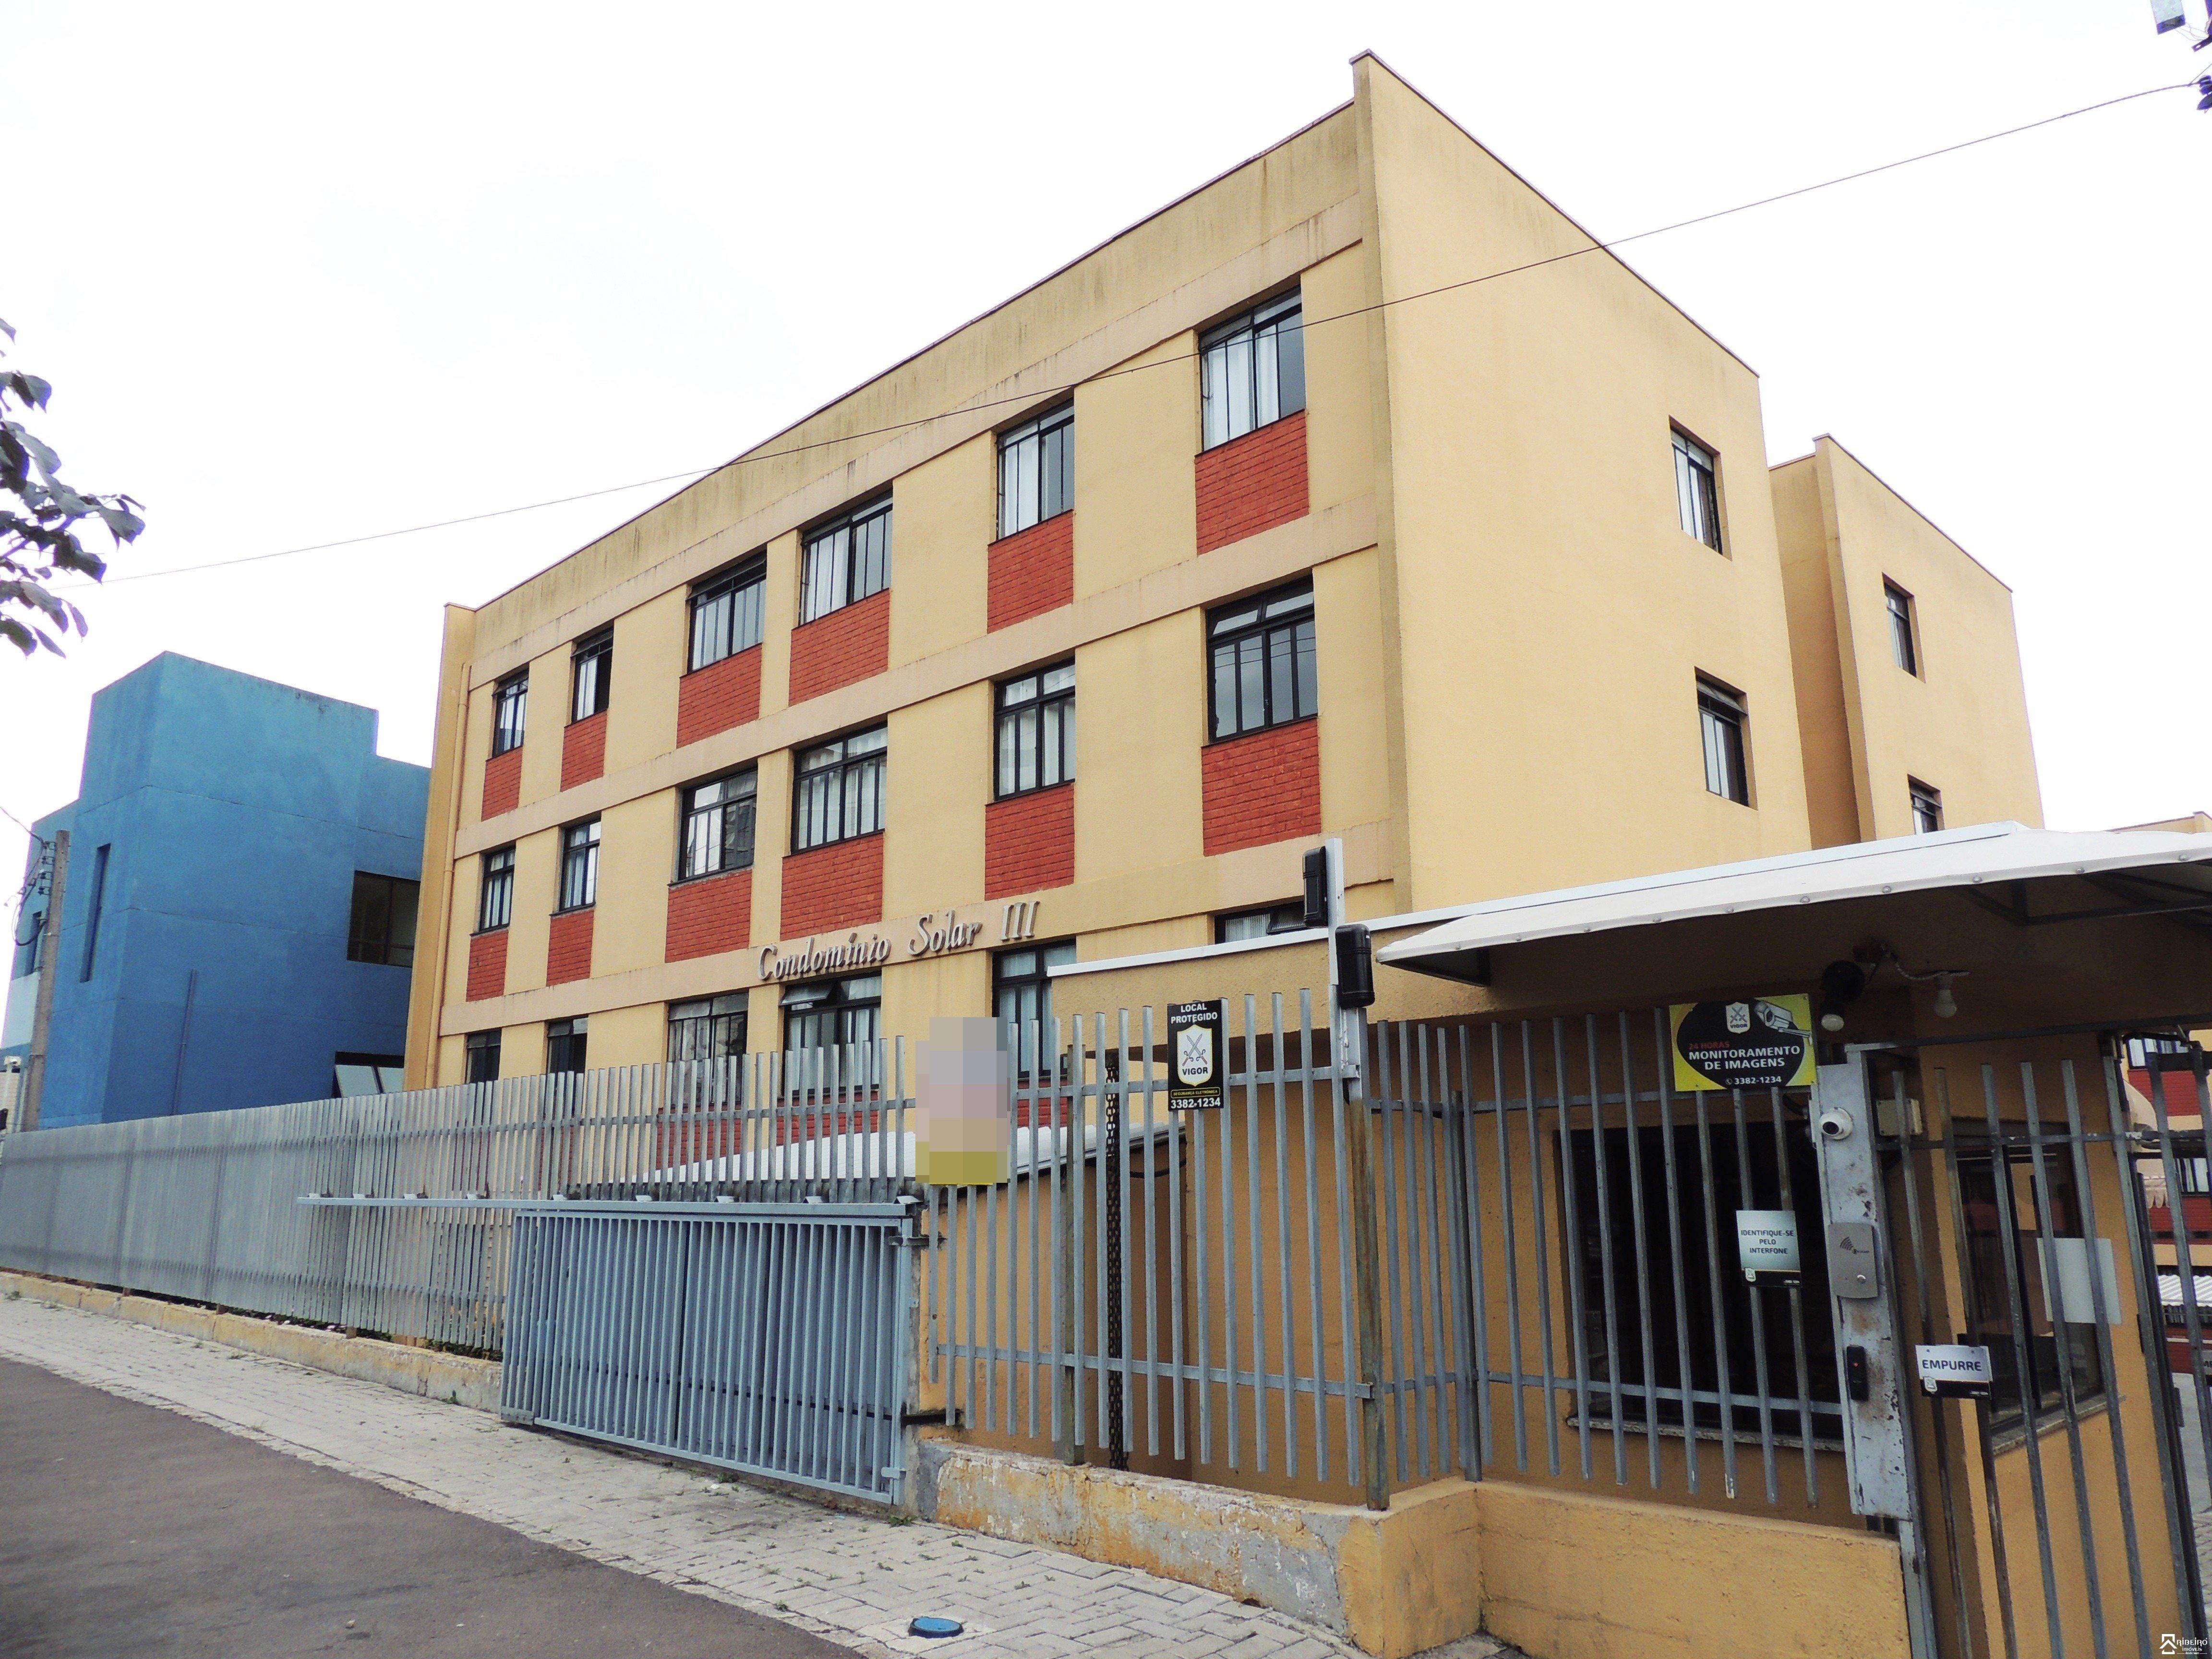 REF. 2080 -  São José Dos Pinhais - Rua  Joaquim Nabuco, 2068 - Apto 04 - Bl K